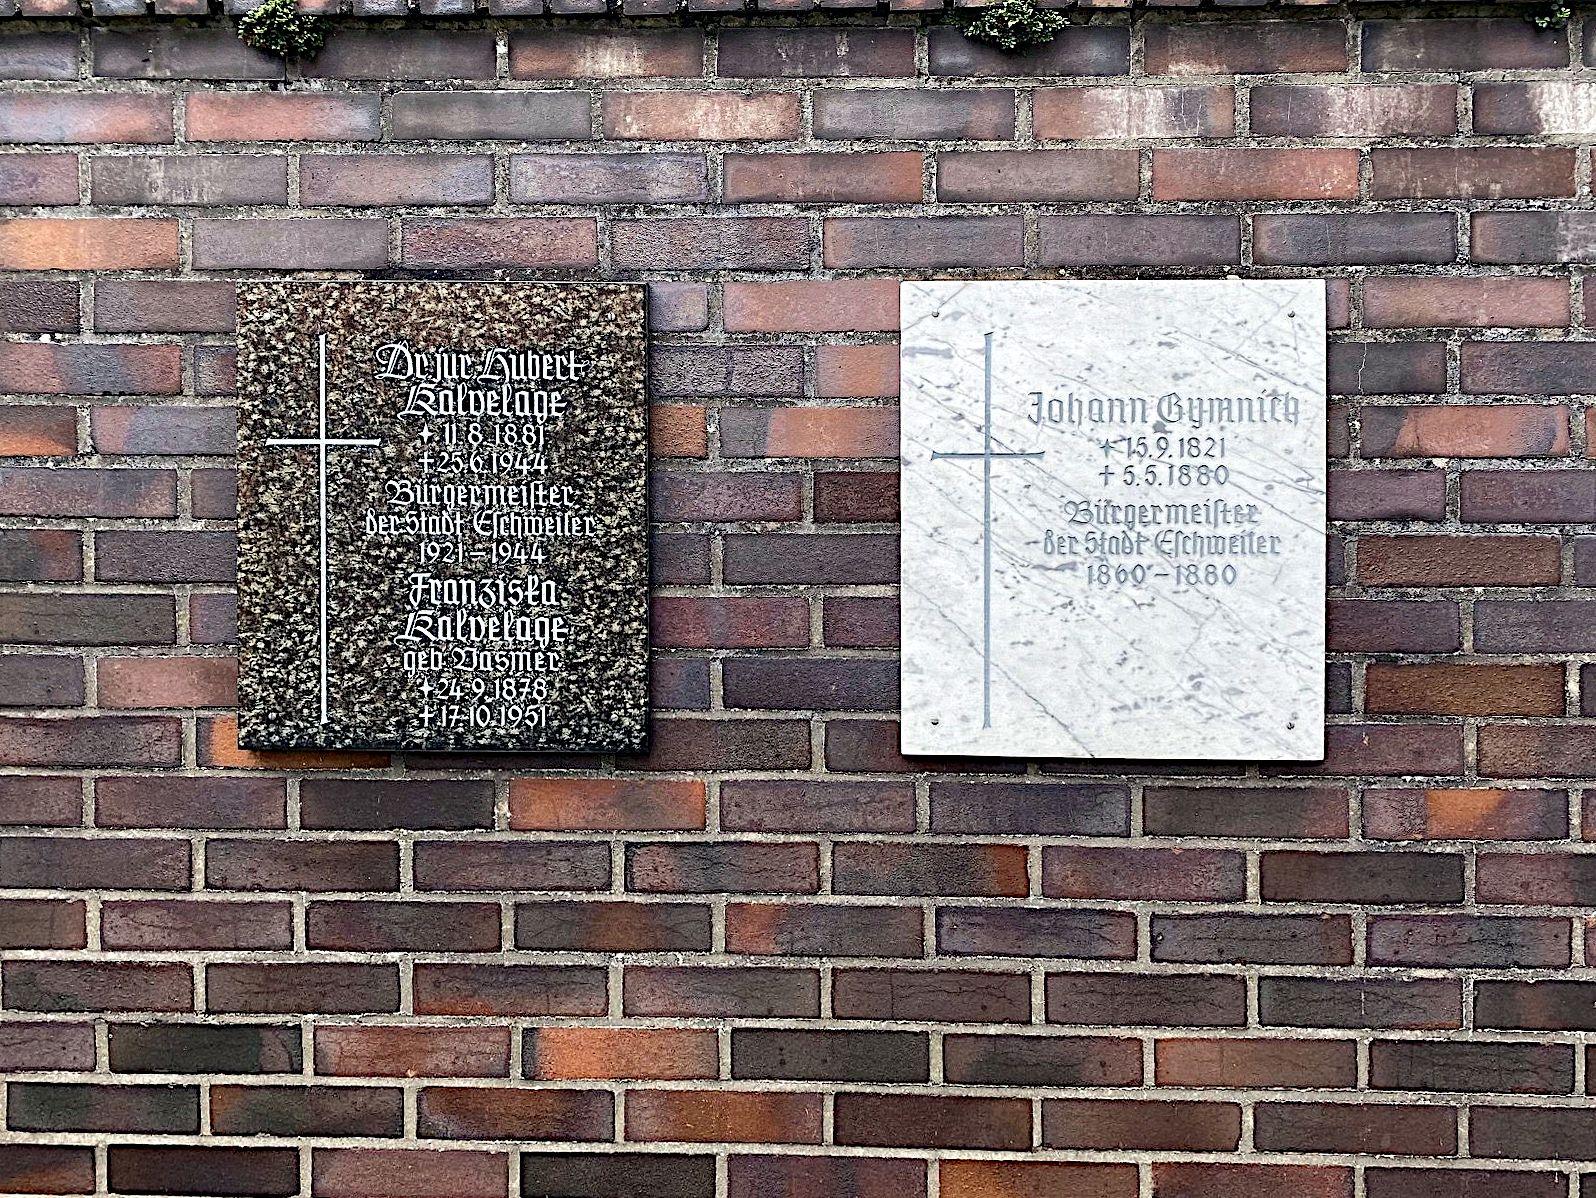 Friedhof Bürgermeister (c) Fabian Capellmann (c) Fabian Capellmann